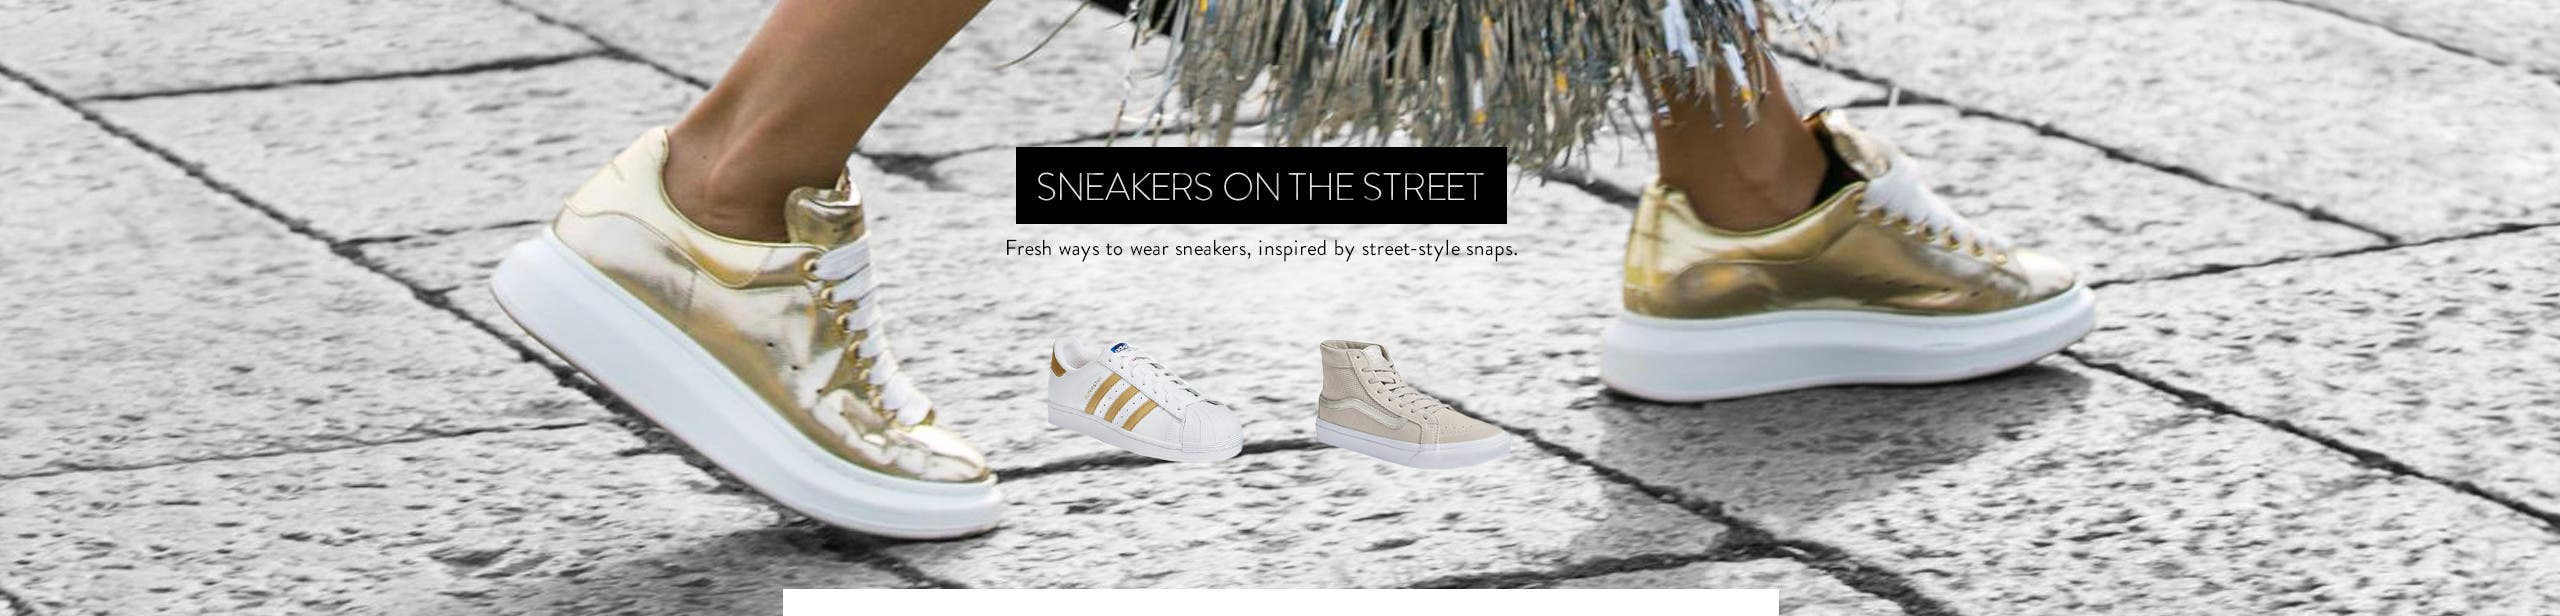 Women's sneakers on the street.